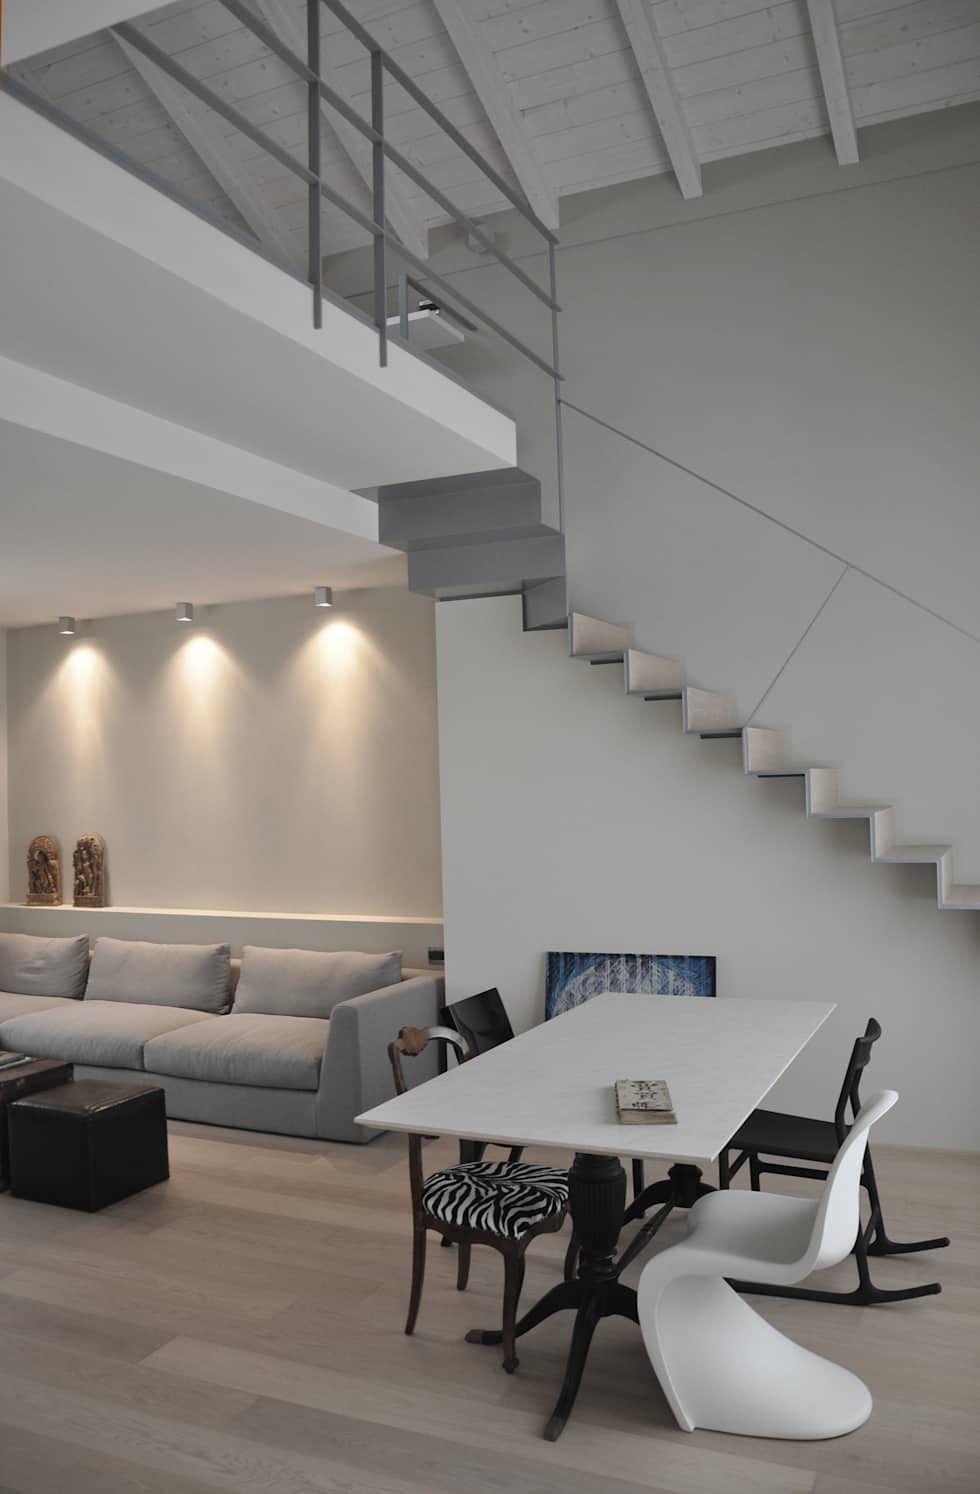 Casa ele soggiorno moderno di paolo capriglione architetto for Architetto per interni